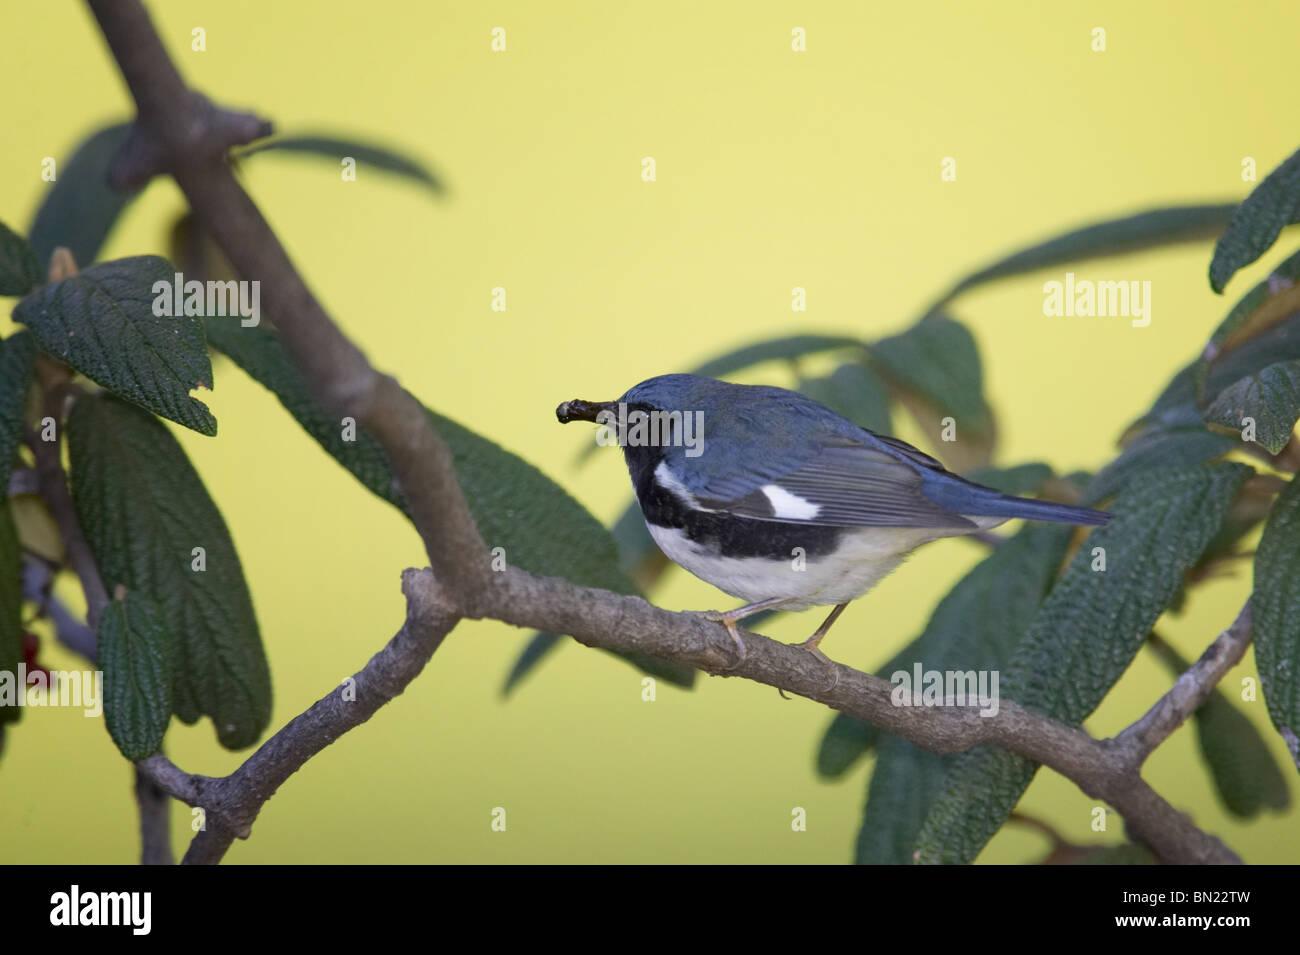 Adult male Black-throated Blue Warbler feeding on Leatherleaf Viburnum berries - Stock Image